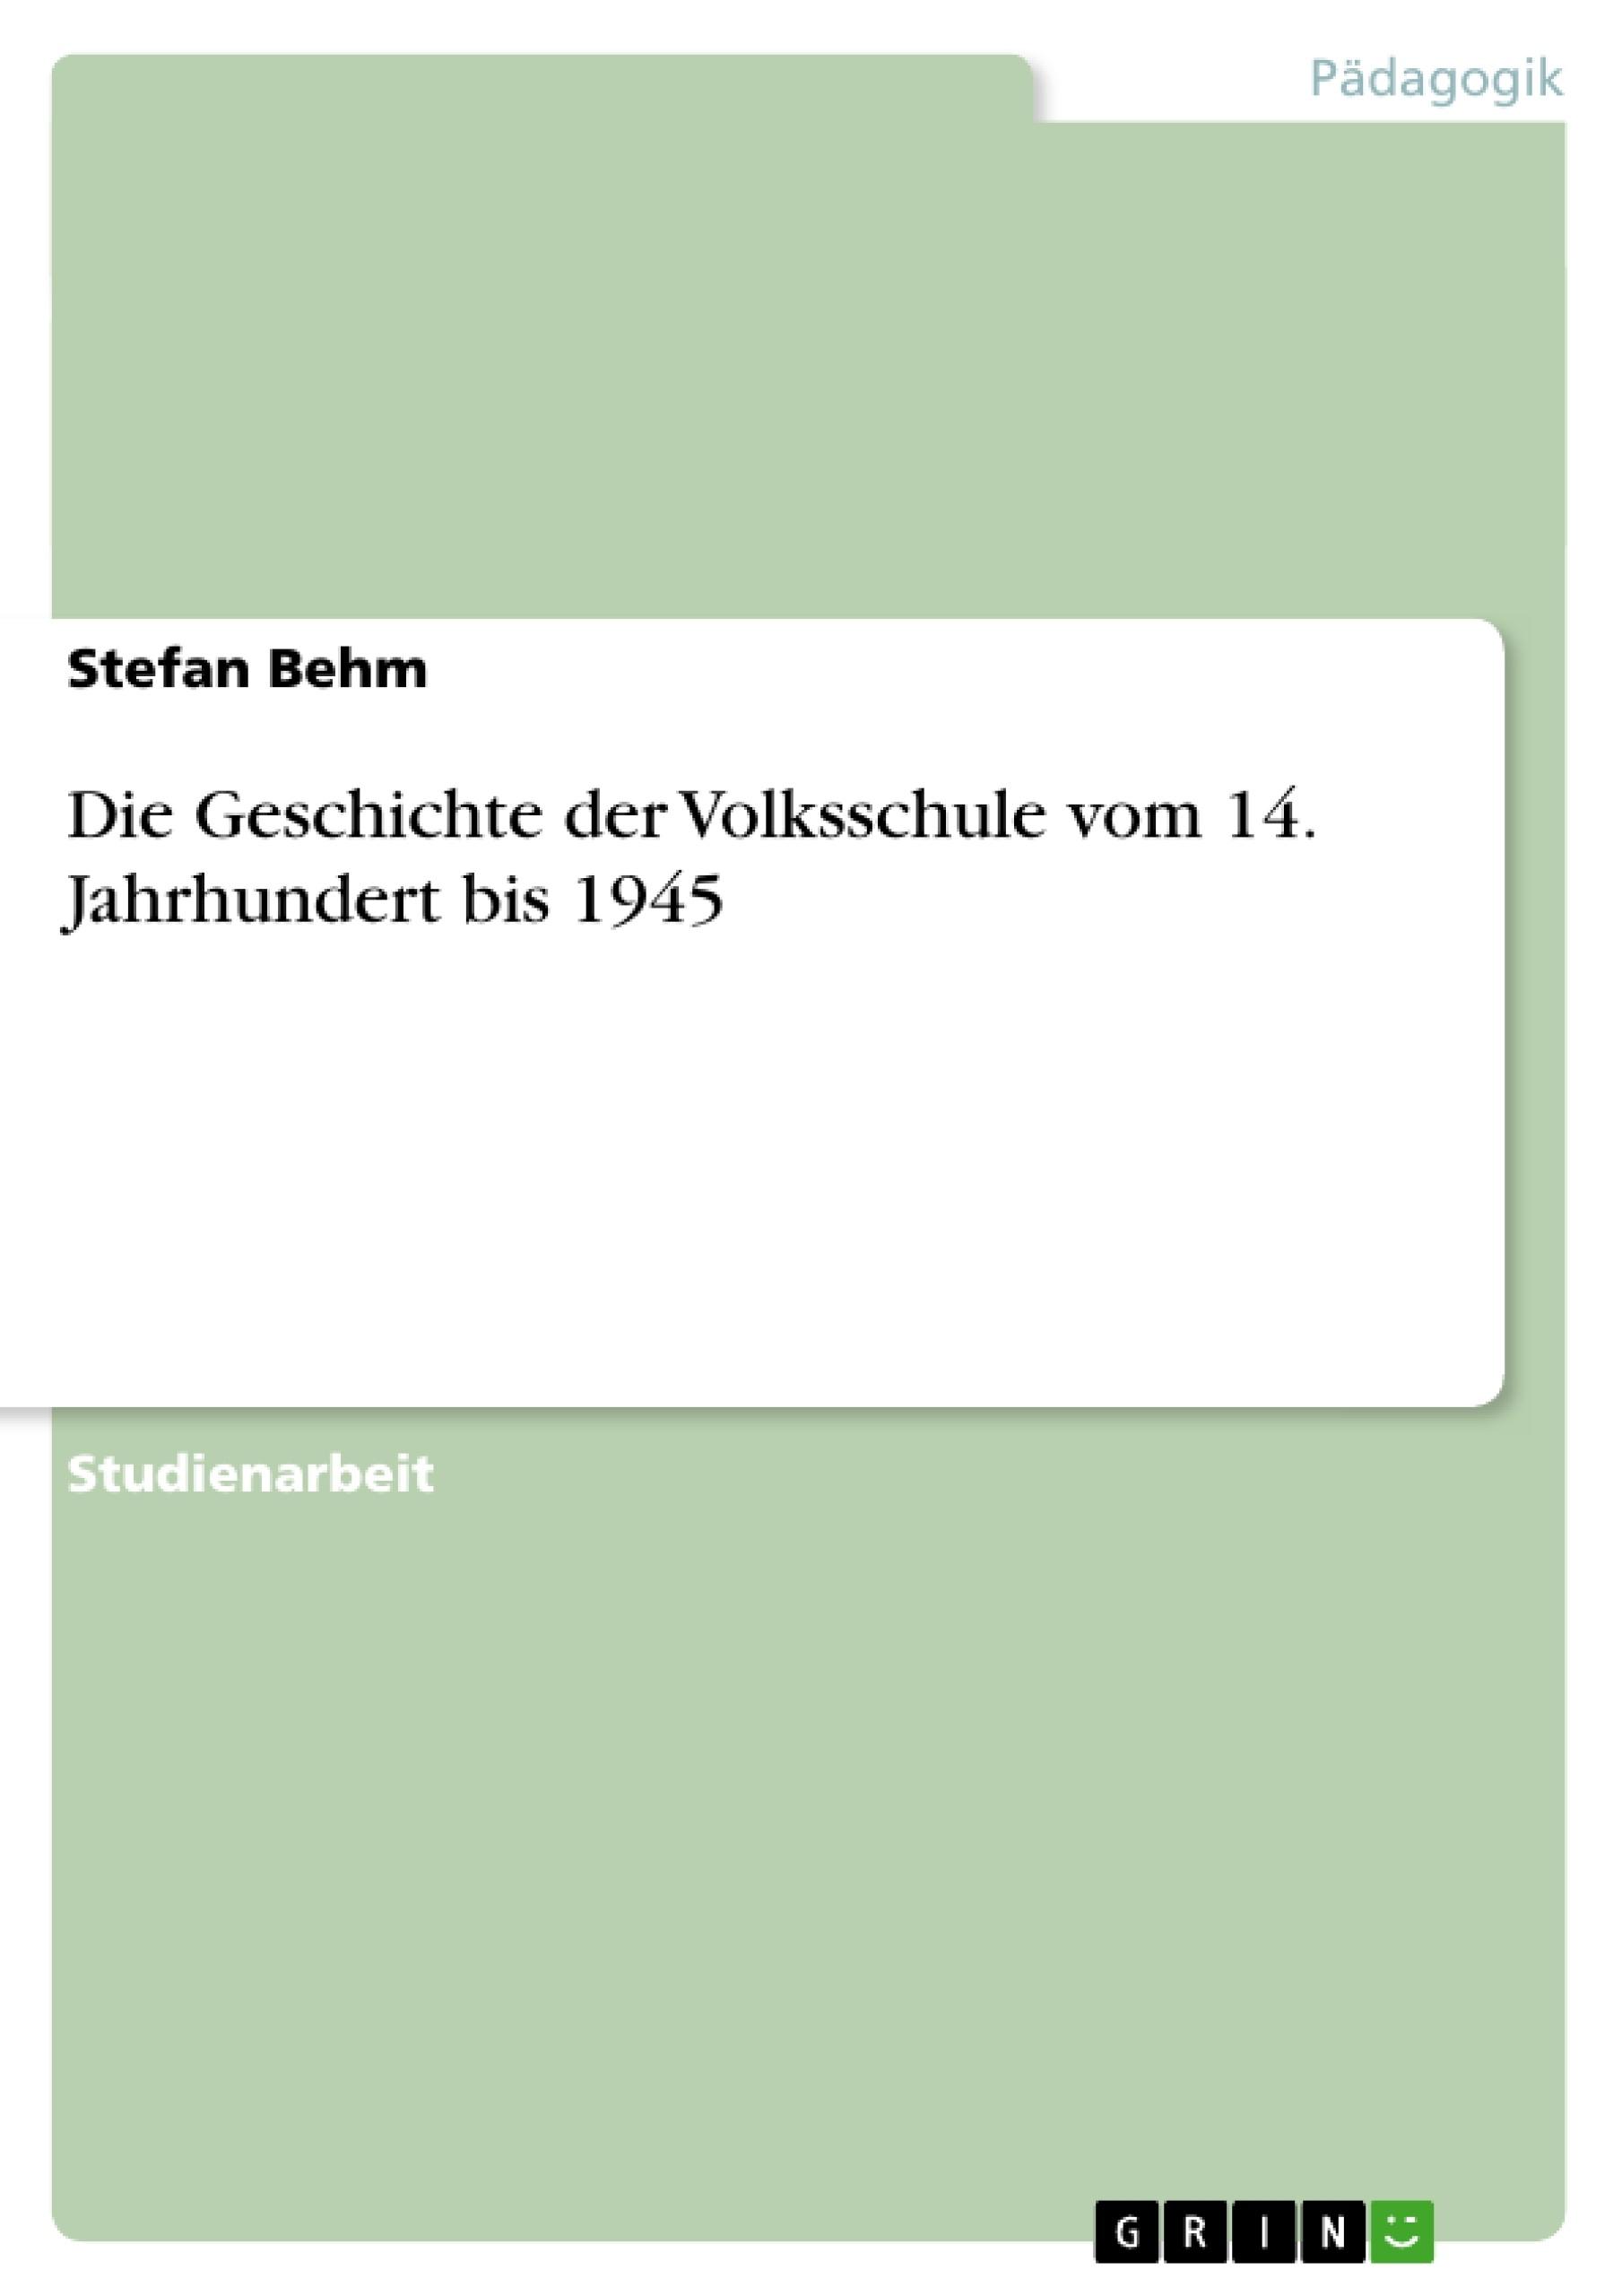 Titel: Die Geschichte der Volksschule vom 14. Jahrhundert bis 1945